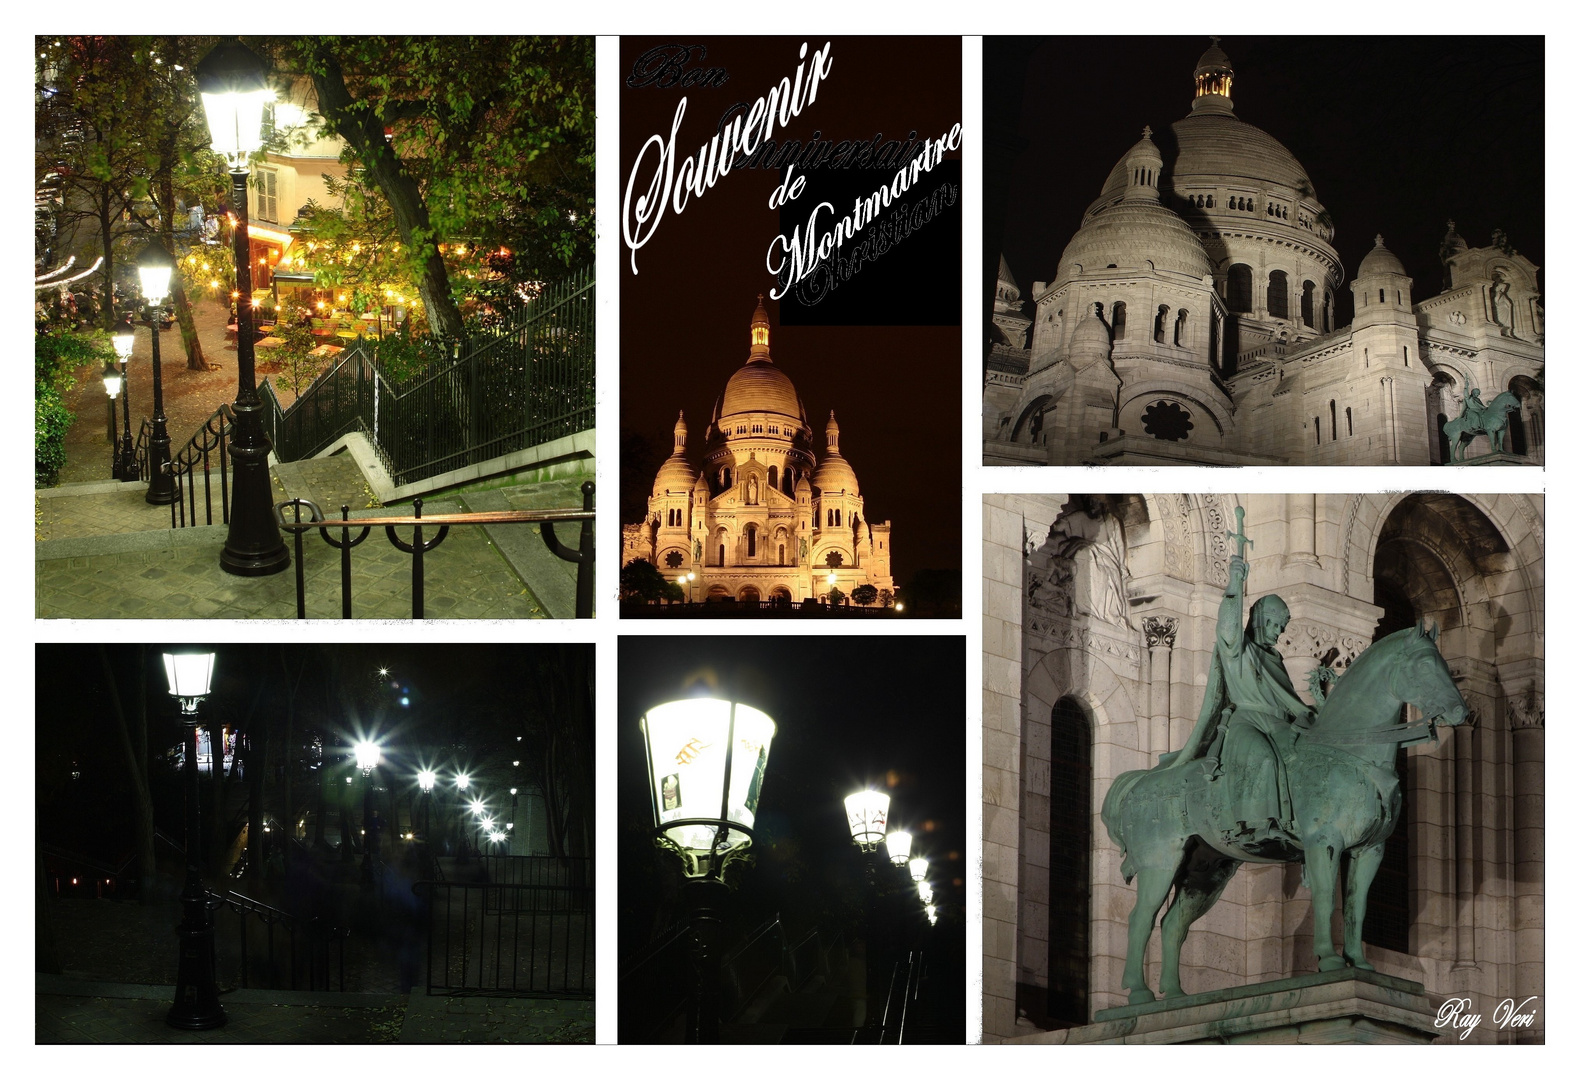 Souvenir de Montmartre